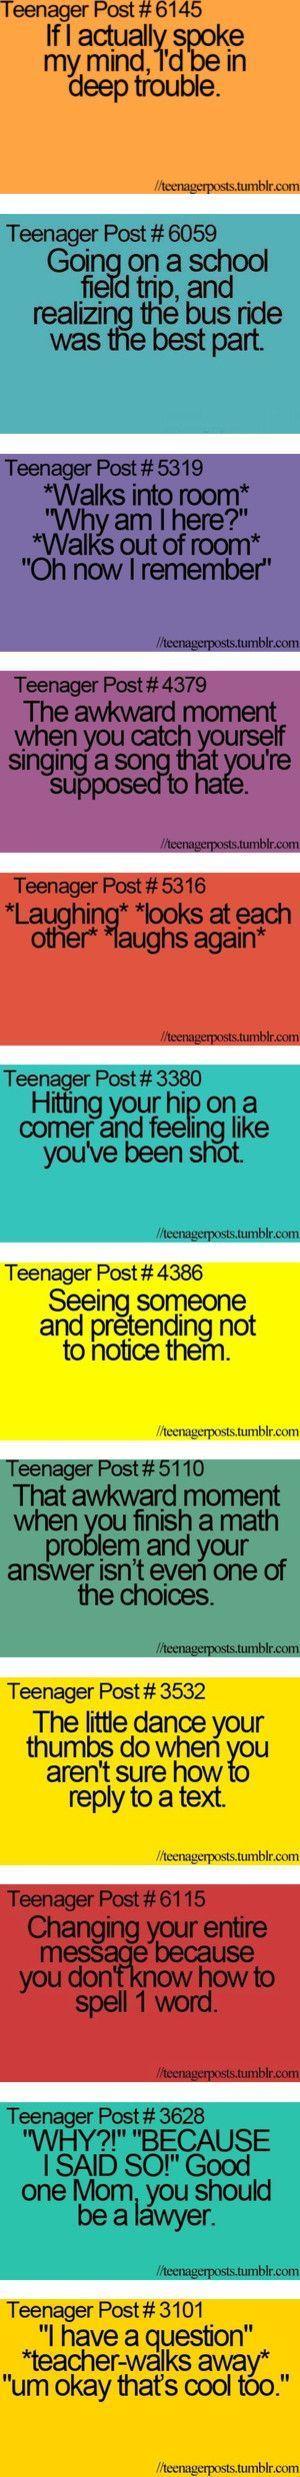 #teenager #ahhhhh #longer #doesnt #sorry #break